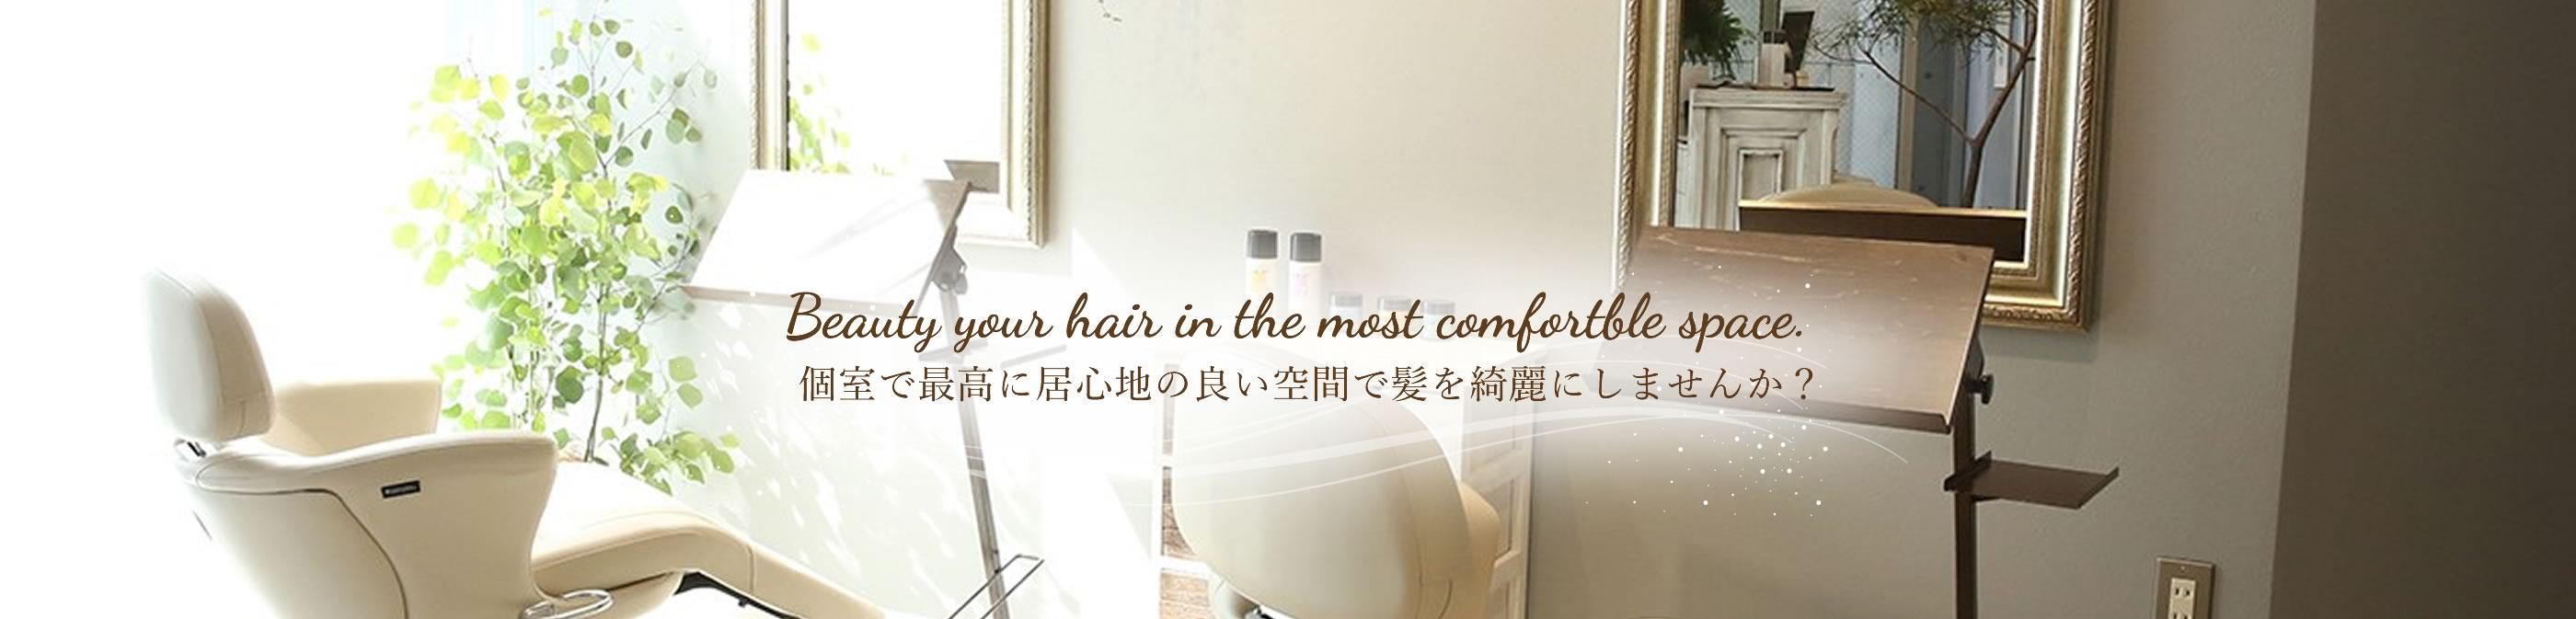 個室で最高に心地よい空間で髪を綺麗にしませんか?